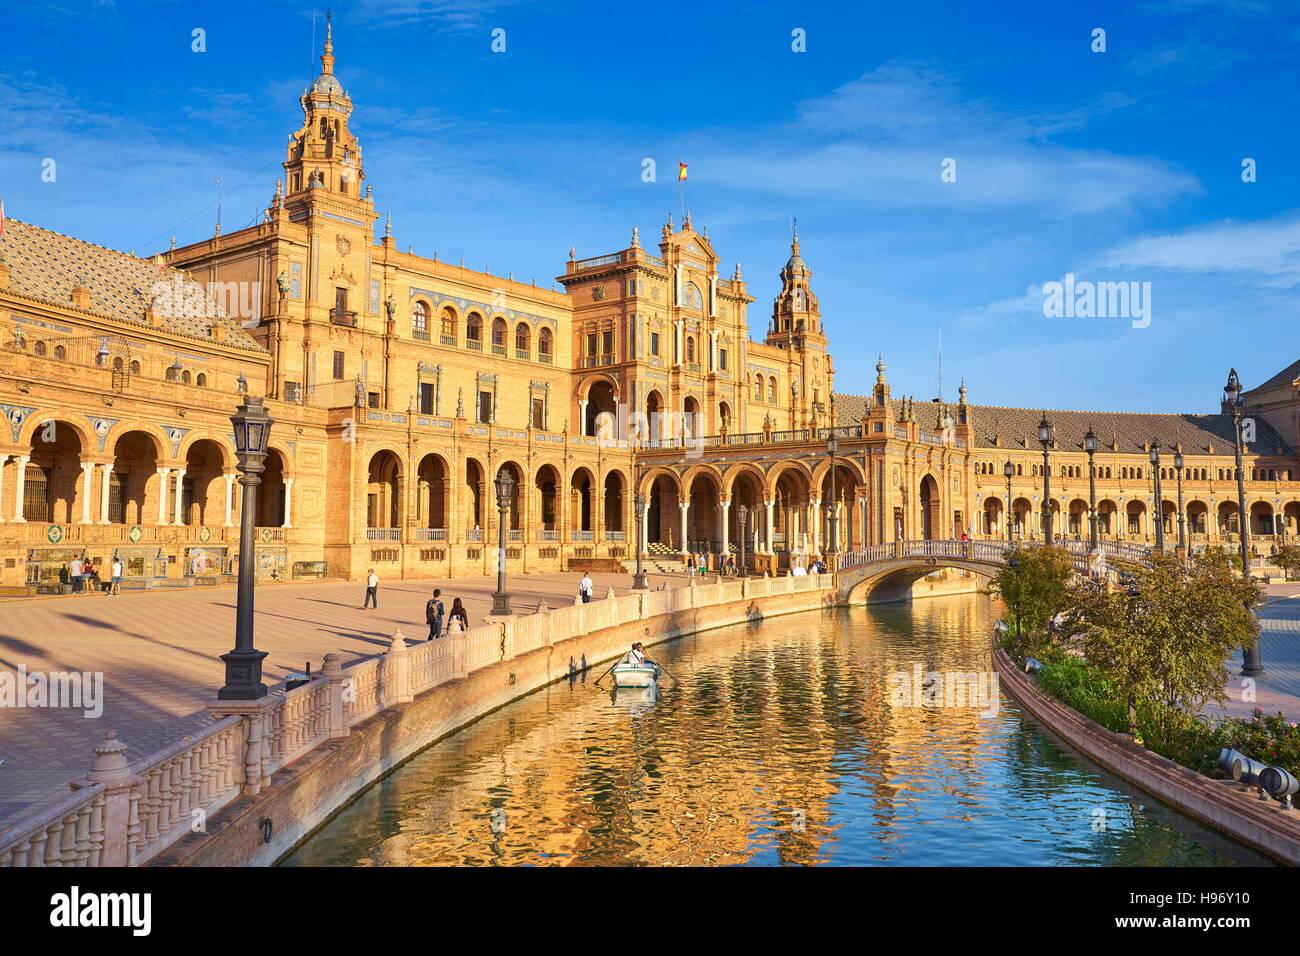 La Plaza de España, en barco por el canal, Sevilla, España Imagen De Stock